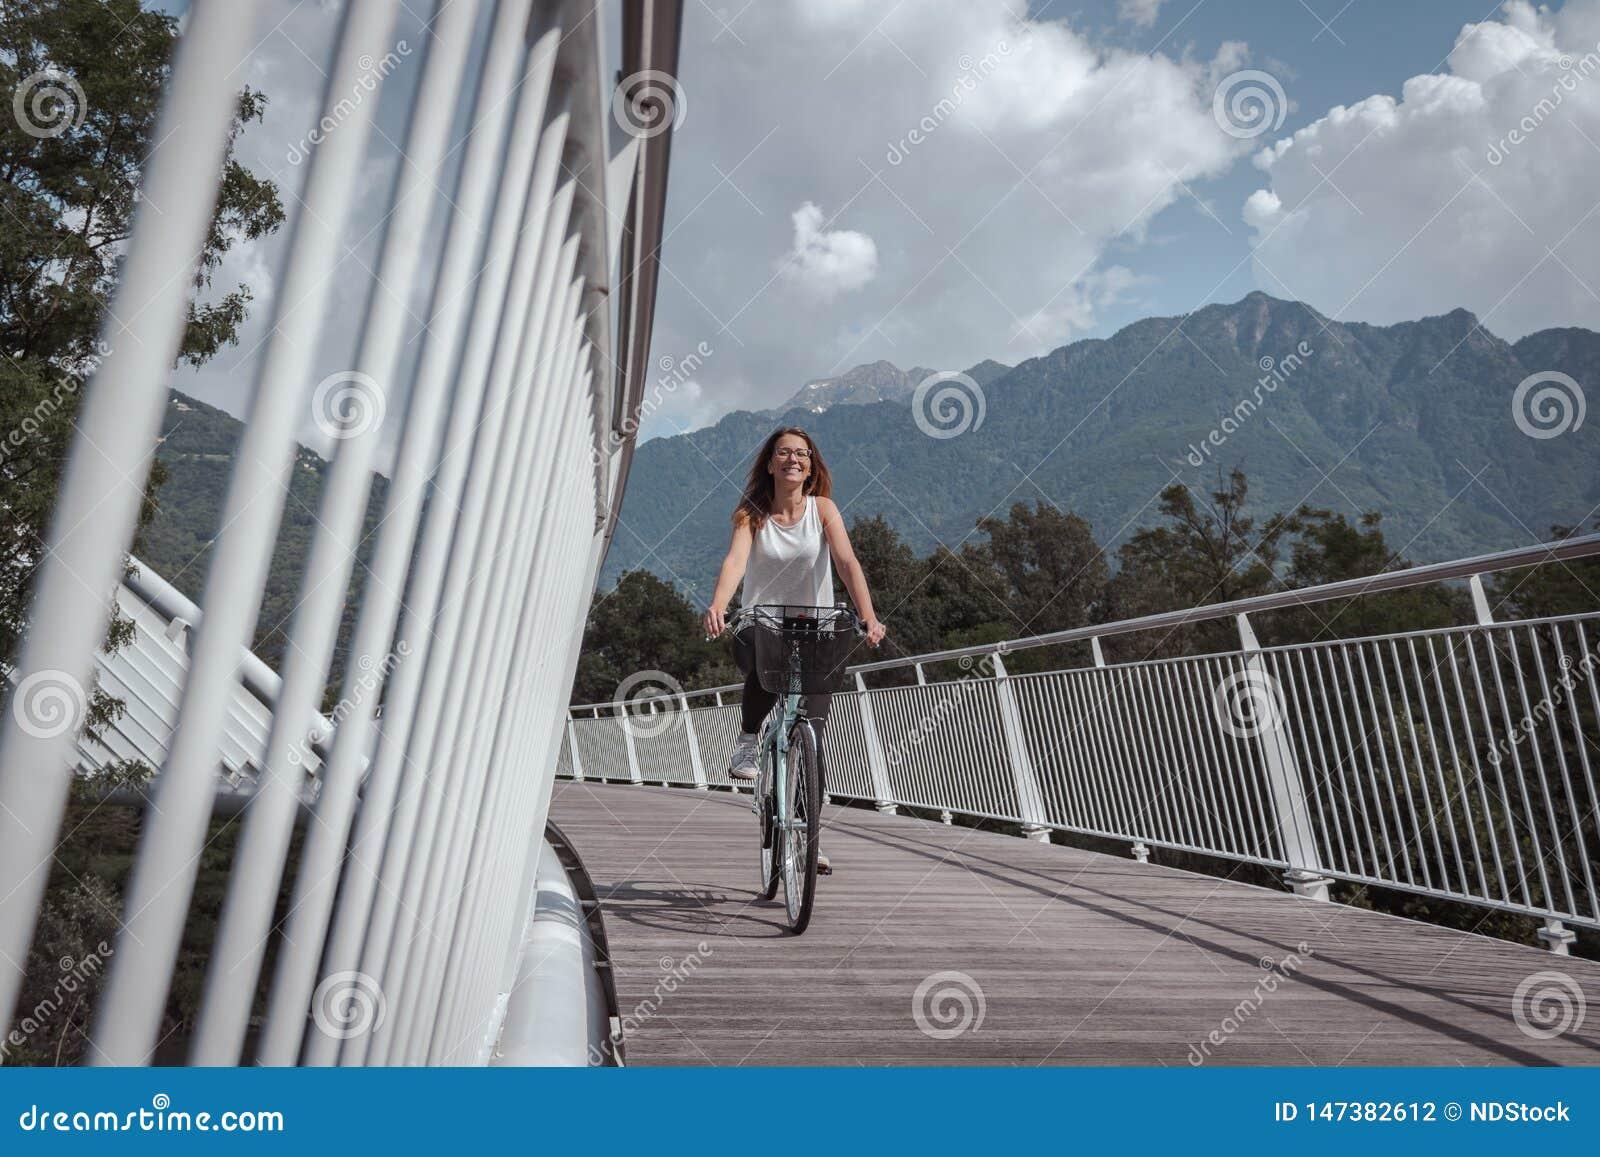 Junge attraktive Frau mit Fahrrad auf einer Br?cke